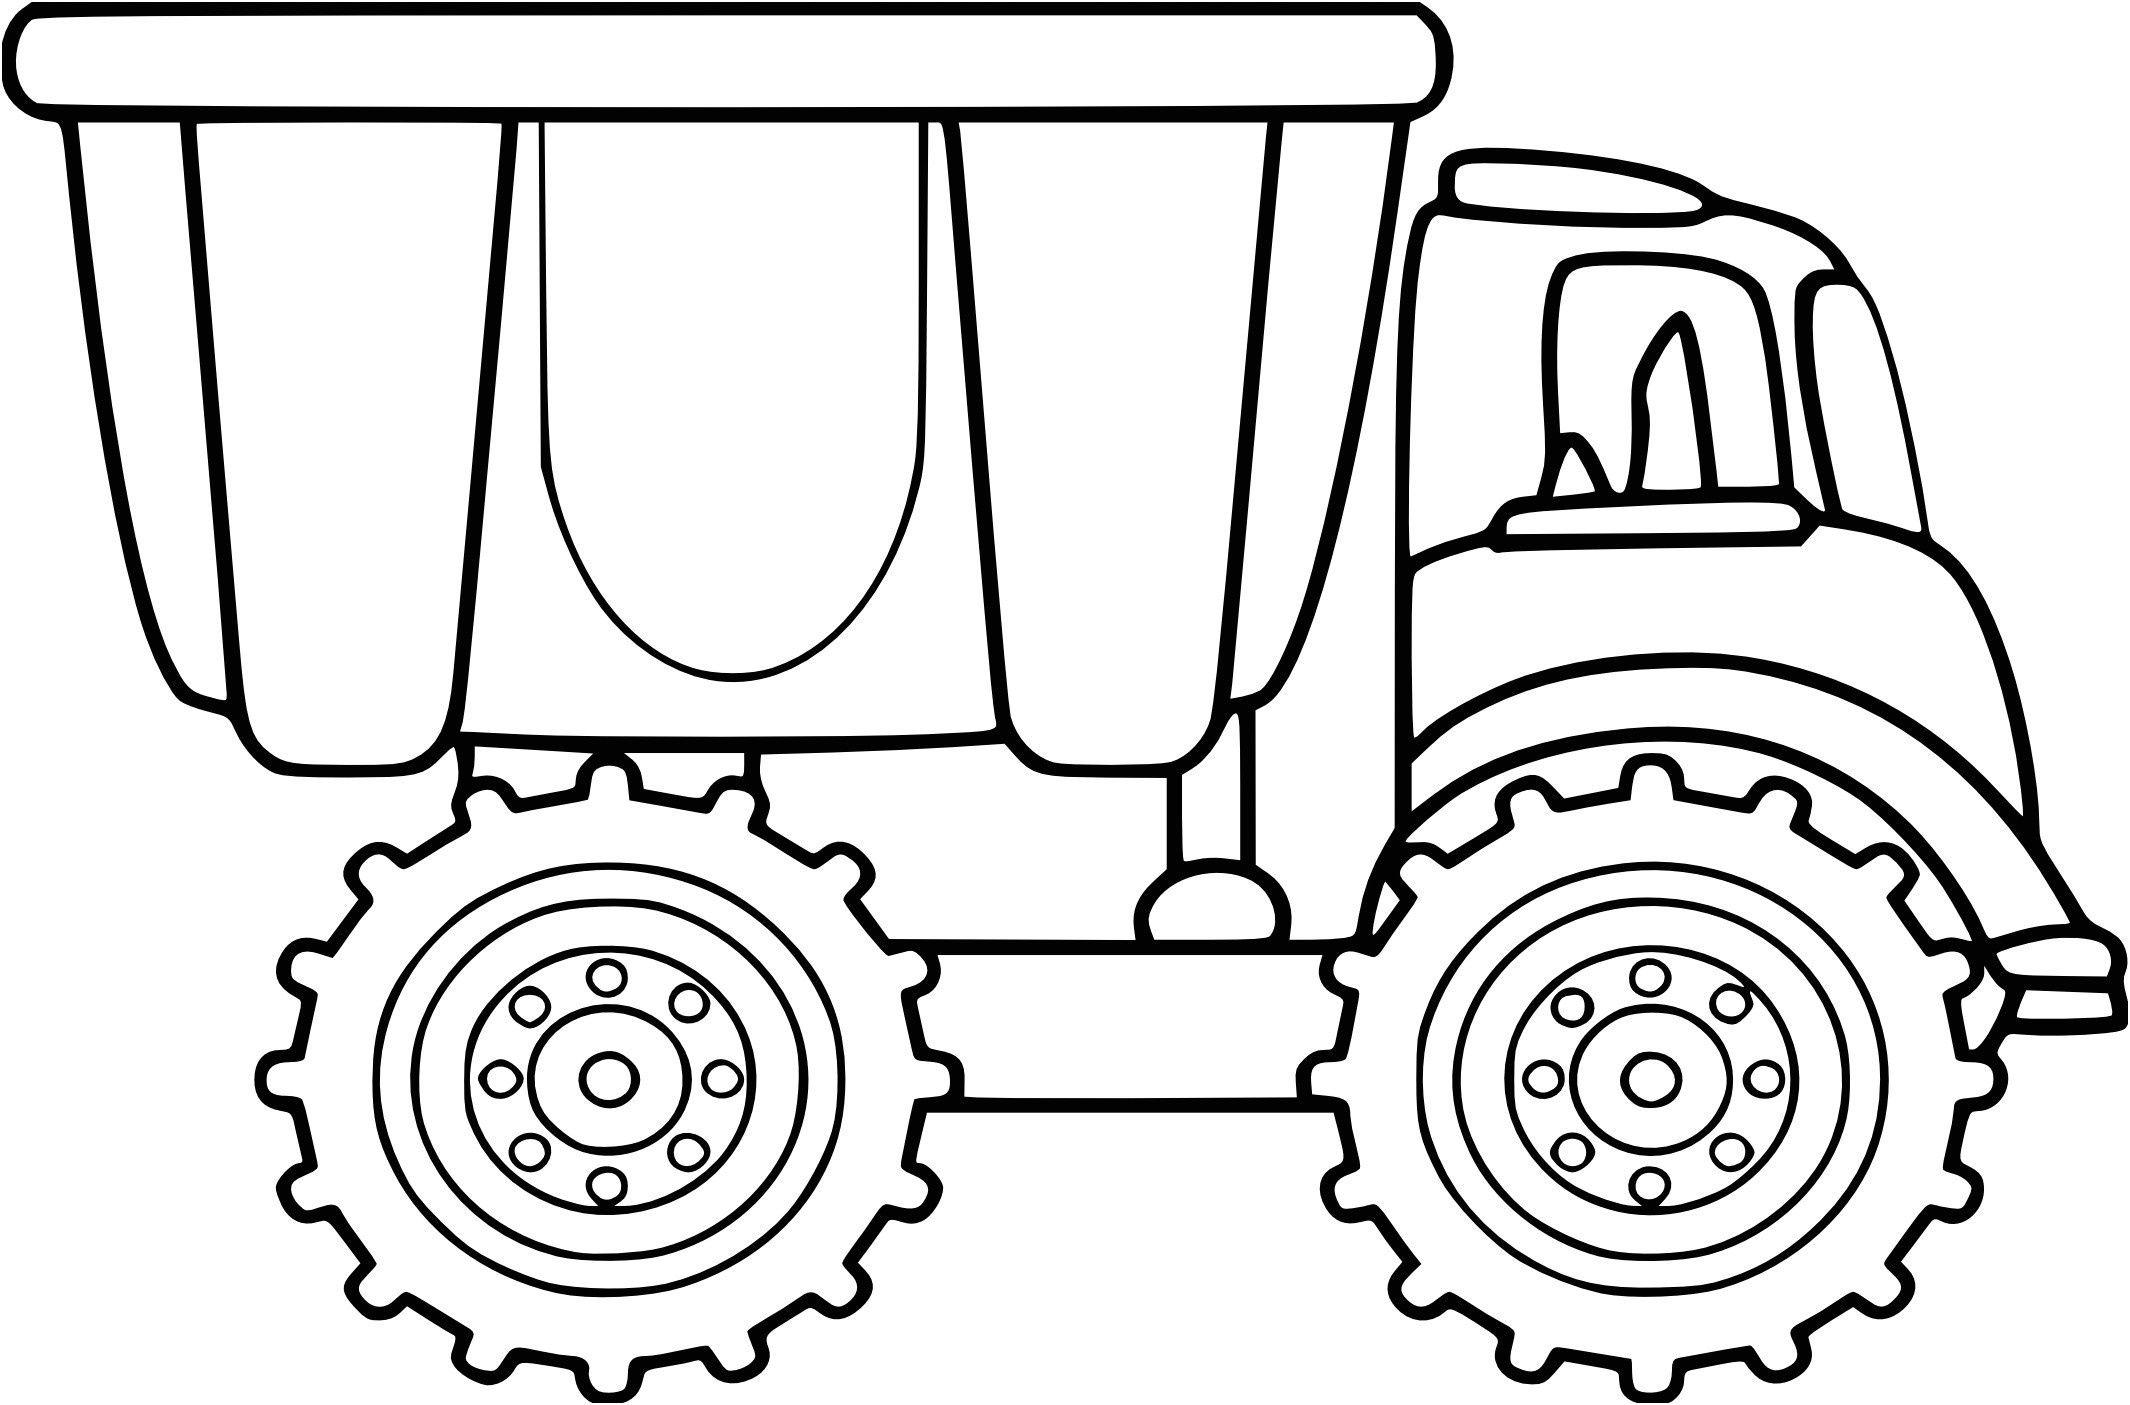 Coloriage De Camion On 23 Dessins De Coloriage Camion destiné Dessin D Un Camion